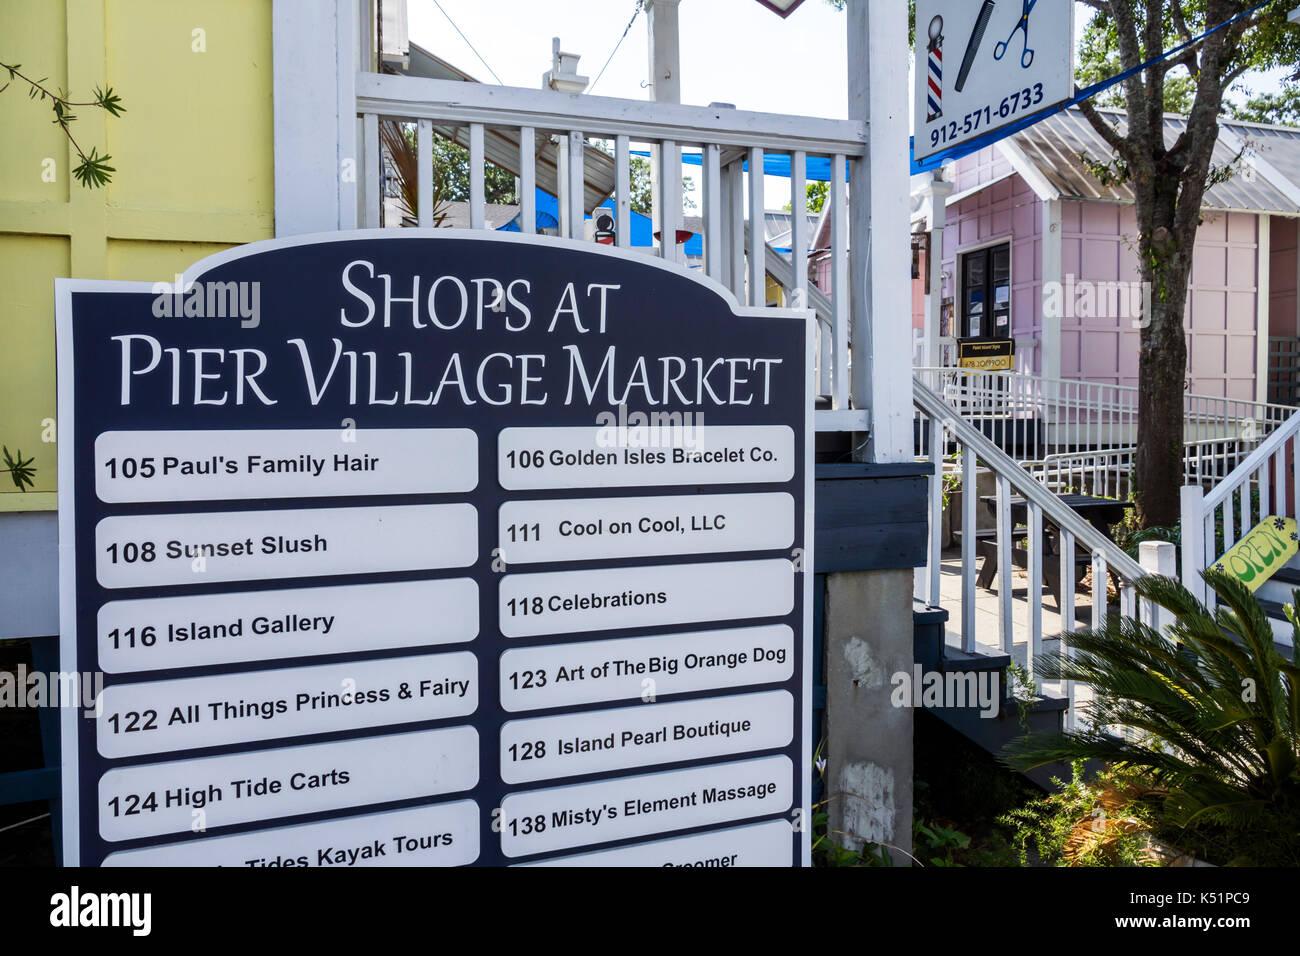 008165559c St. Saint Simons Island Georgia Pier Village District Shops at Pier Village  Market shopping huts quaint